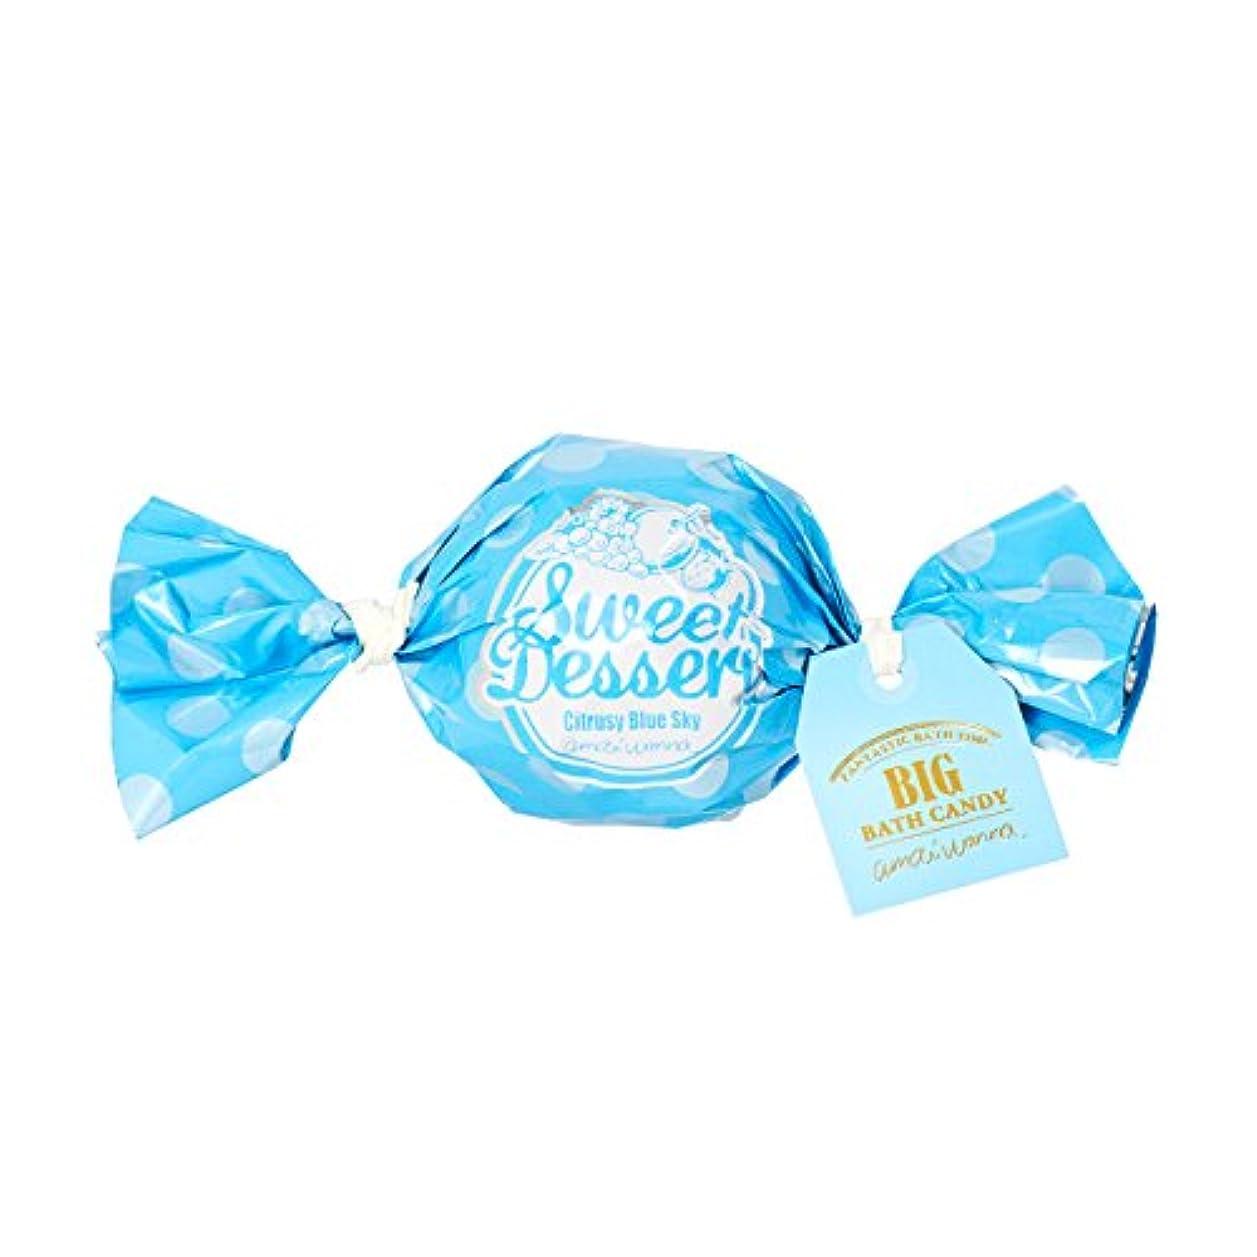 絶対のナビゲーション期間アマイワナ ビッグバスキャンディー 青空シトラス 100g(発泡タイプ入浴料 おおらかで凛としたシトラスの香り)